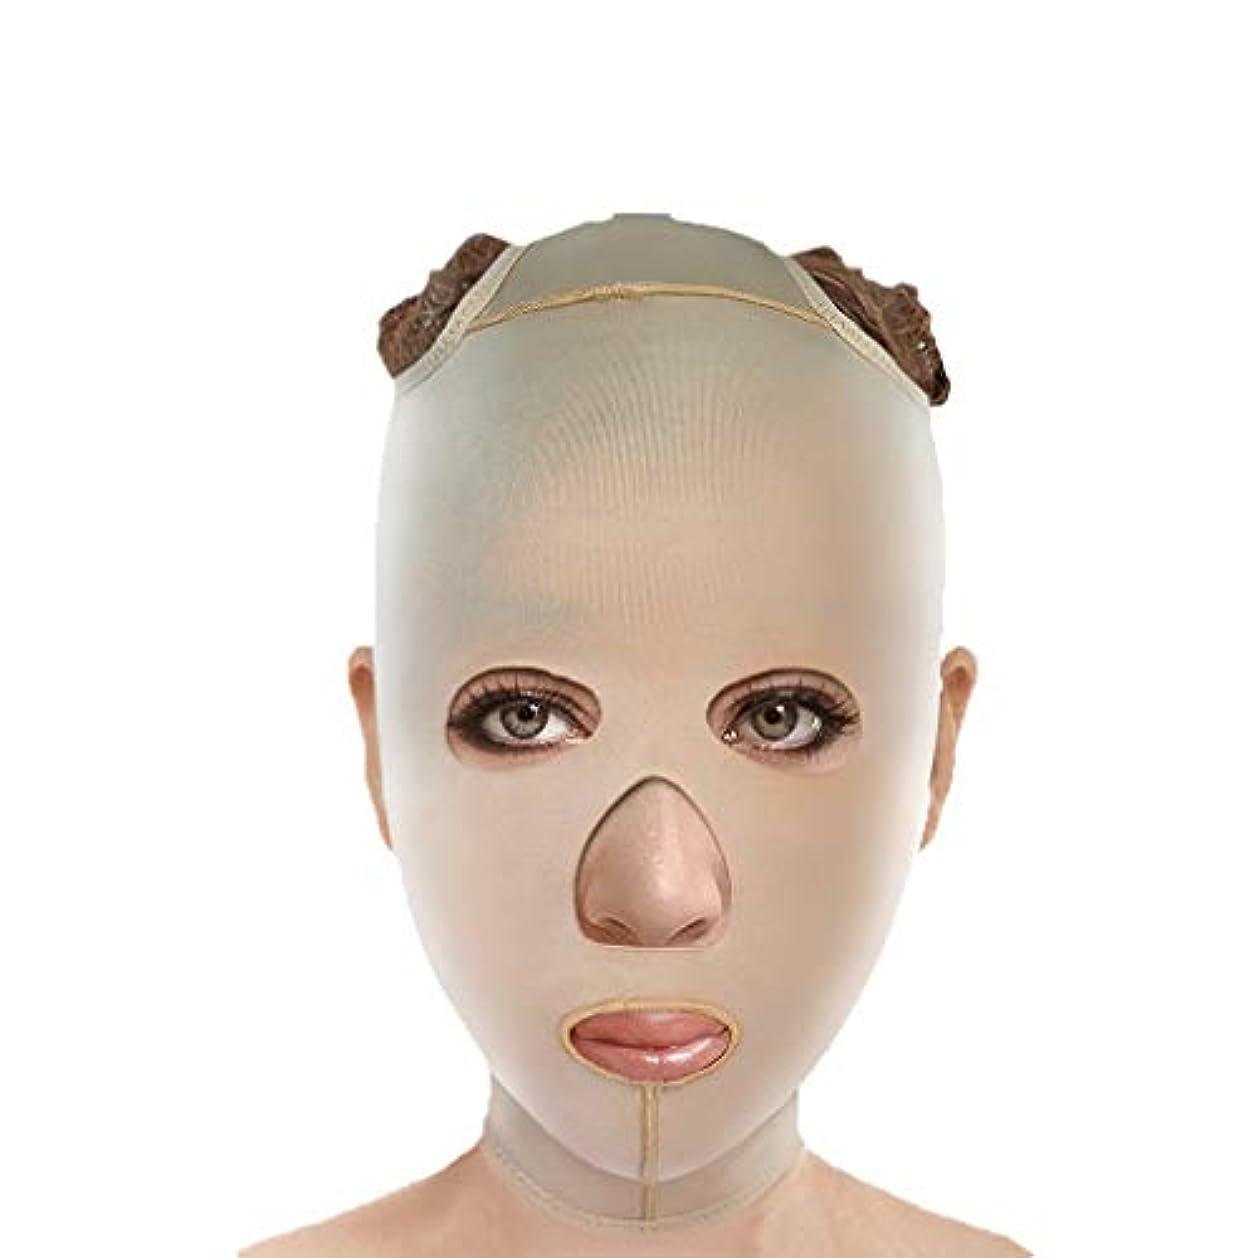 征服者飼い慣らすなだめるXHLMRMJ あごのストラップ、フェイスリフティング、アンチエイジングフェイシャルバンデージ、フェイシャル減量マスク、ファーミングマスク、フェイシャルリフティングアーティファクト (Size : L)